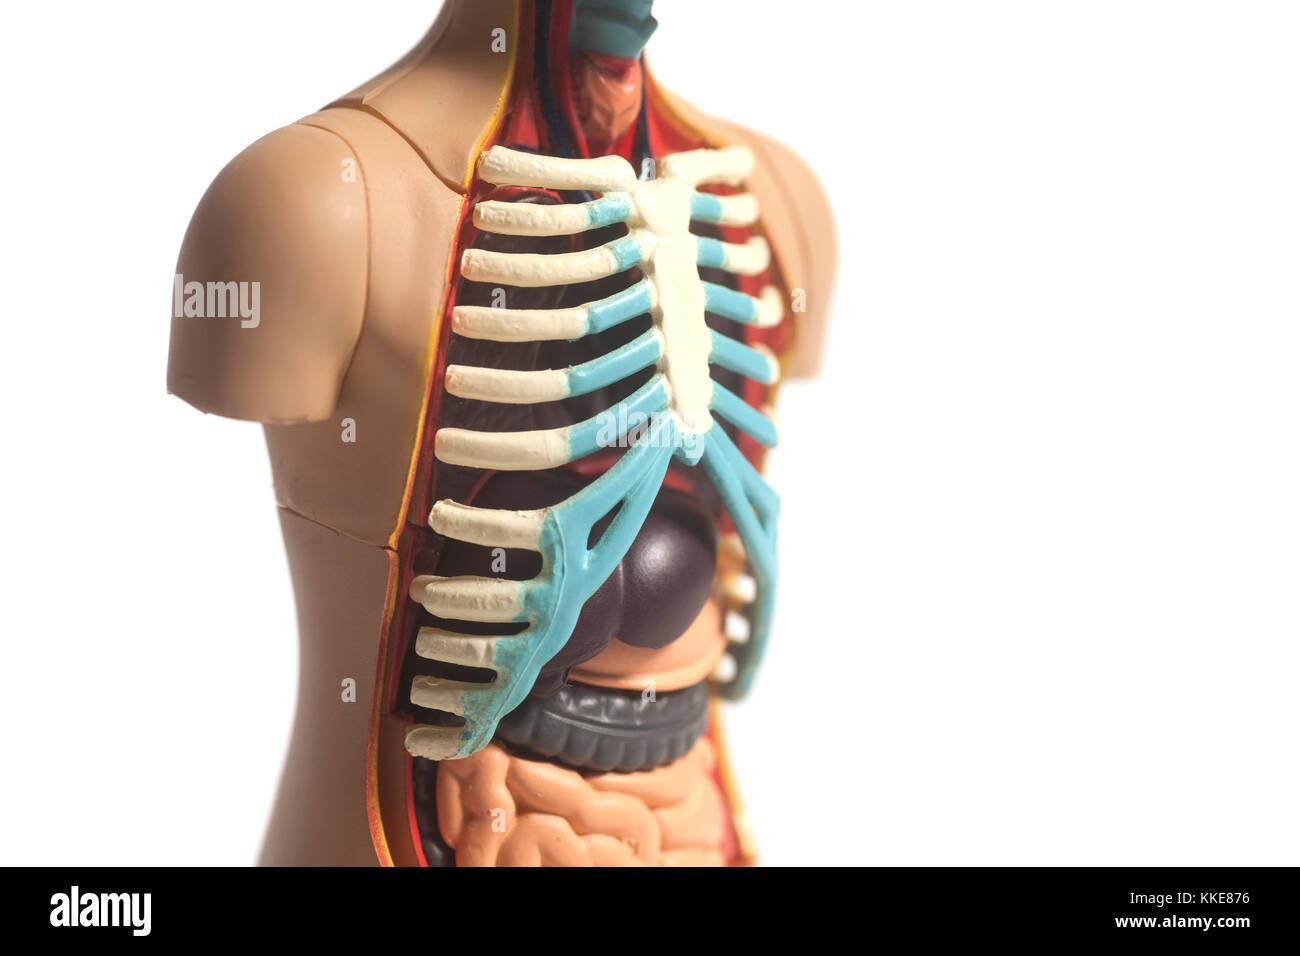 Beste Ganzkörper Anatomie Modell Ideen - Physiologie Von ...